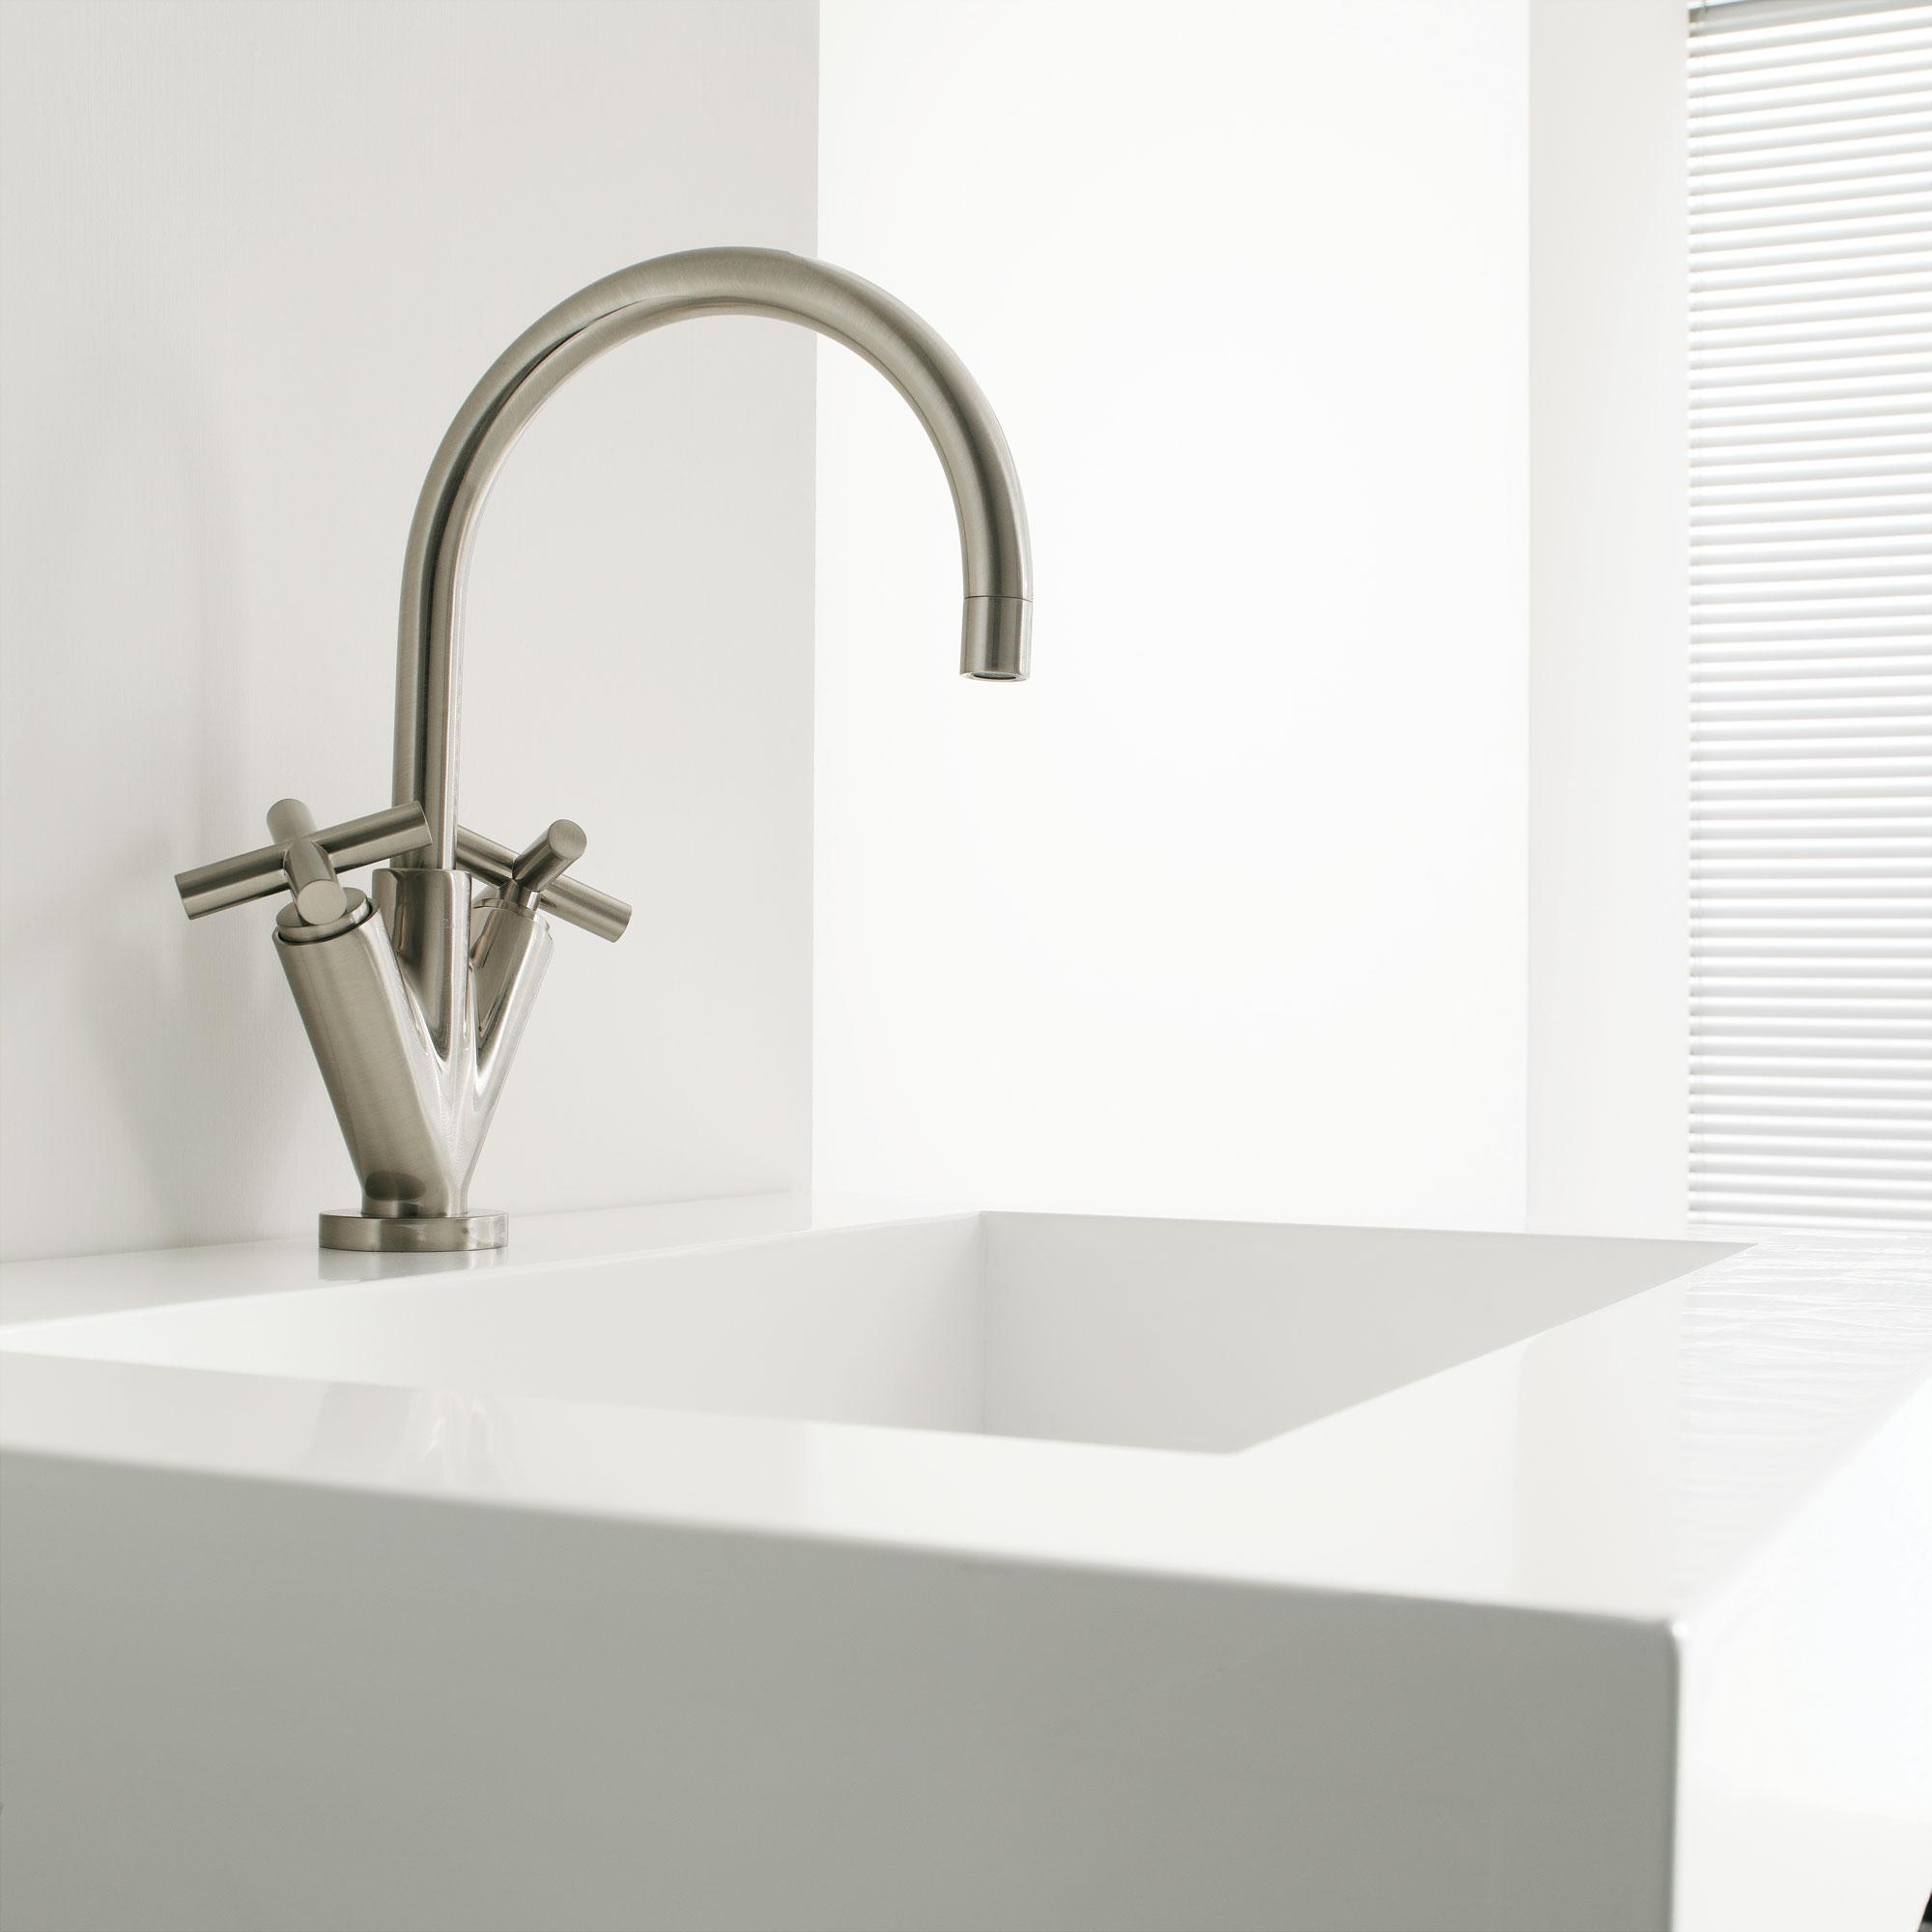 Waschbecken- und Badezimmer-Armaturen Dada